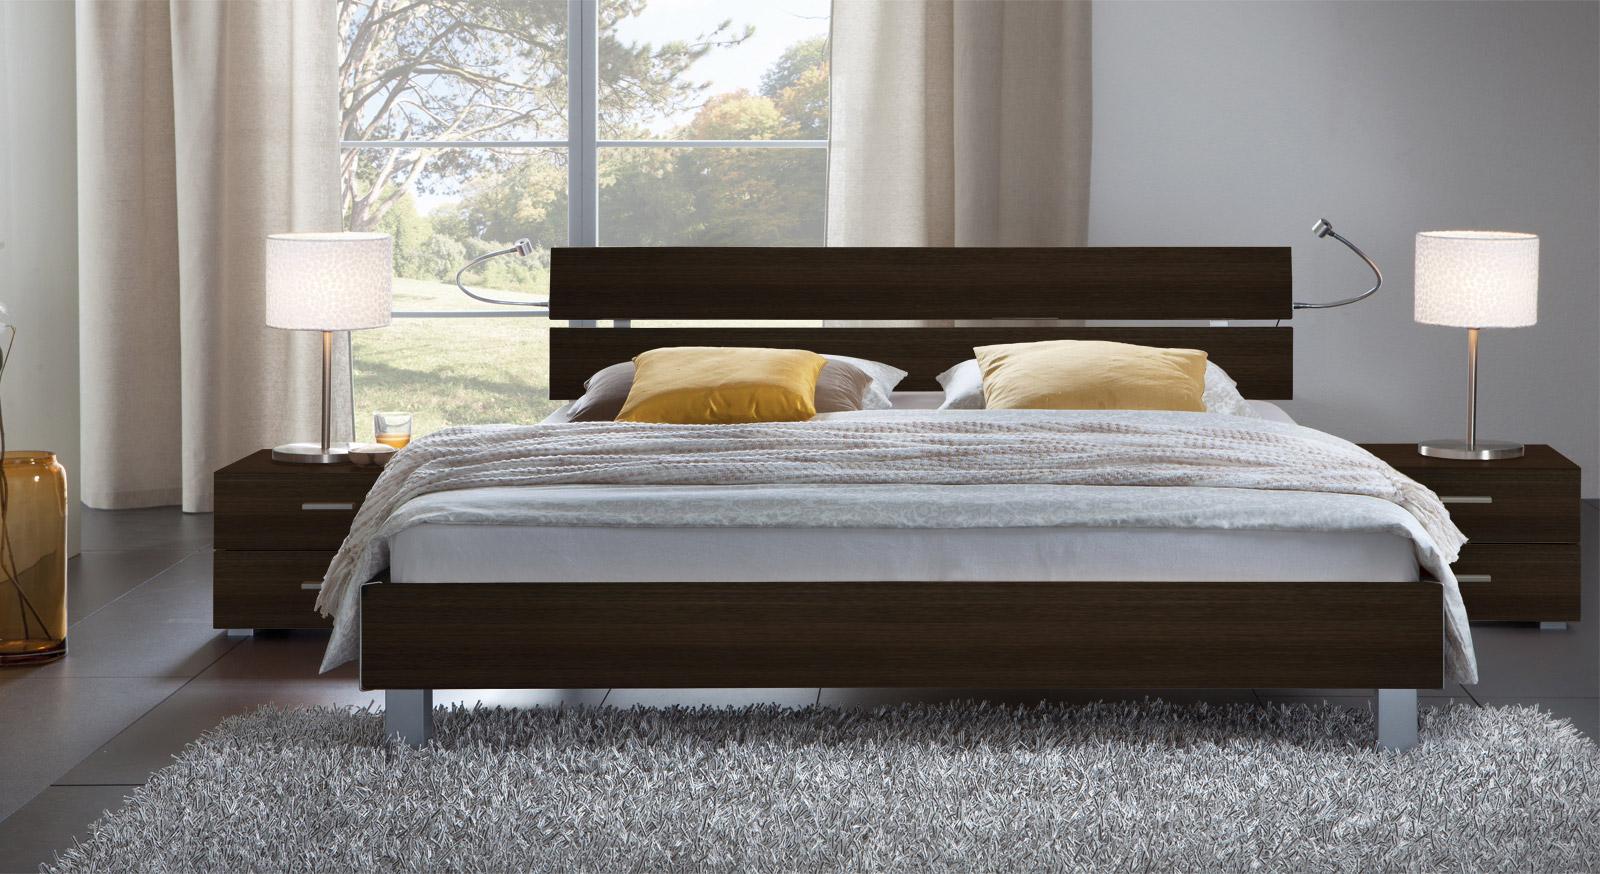 Full Size of Bett Günstig Kaufen Tiefes Designer Online Gnstig Treviso Bettende 180x200 Weiß Amerikanische Küche Ausgefallene Betten Sofa Breite Für übergewichtige Bett Bett Günstig Kaufen